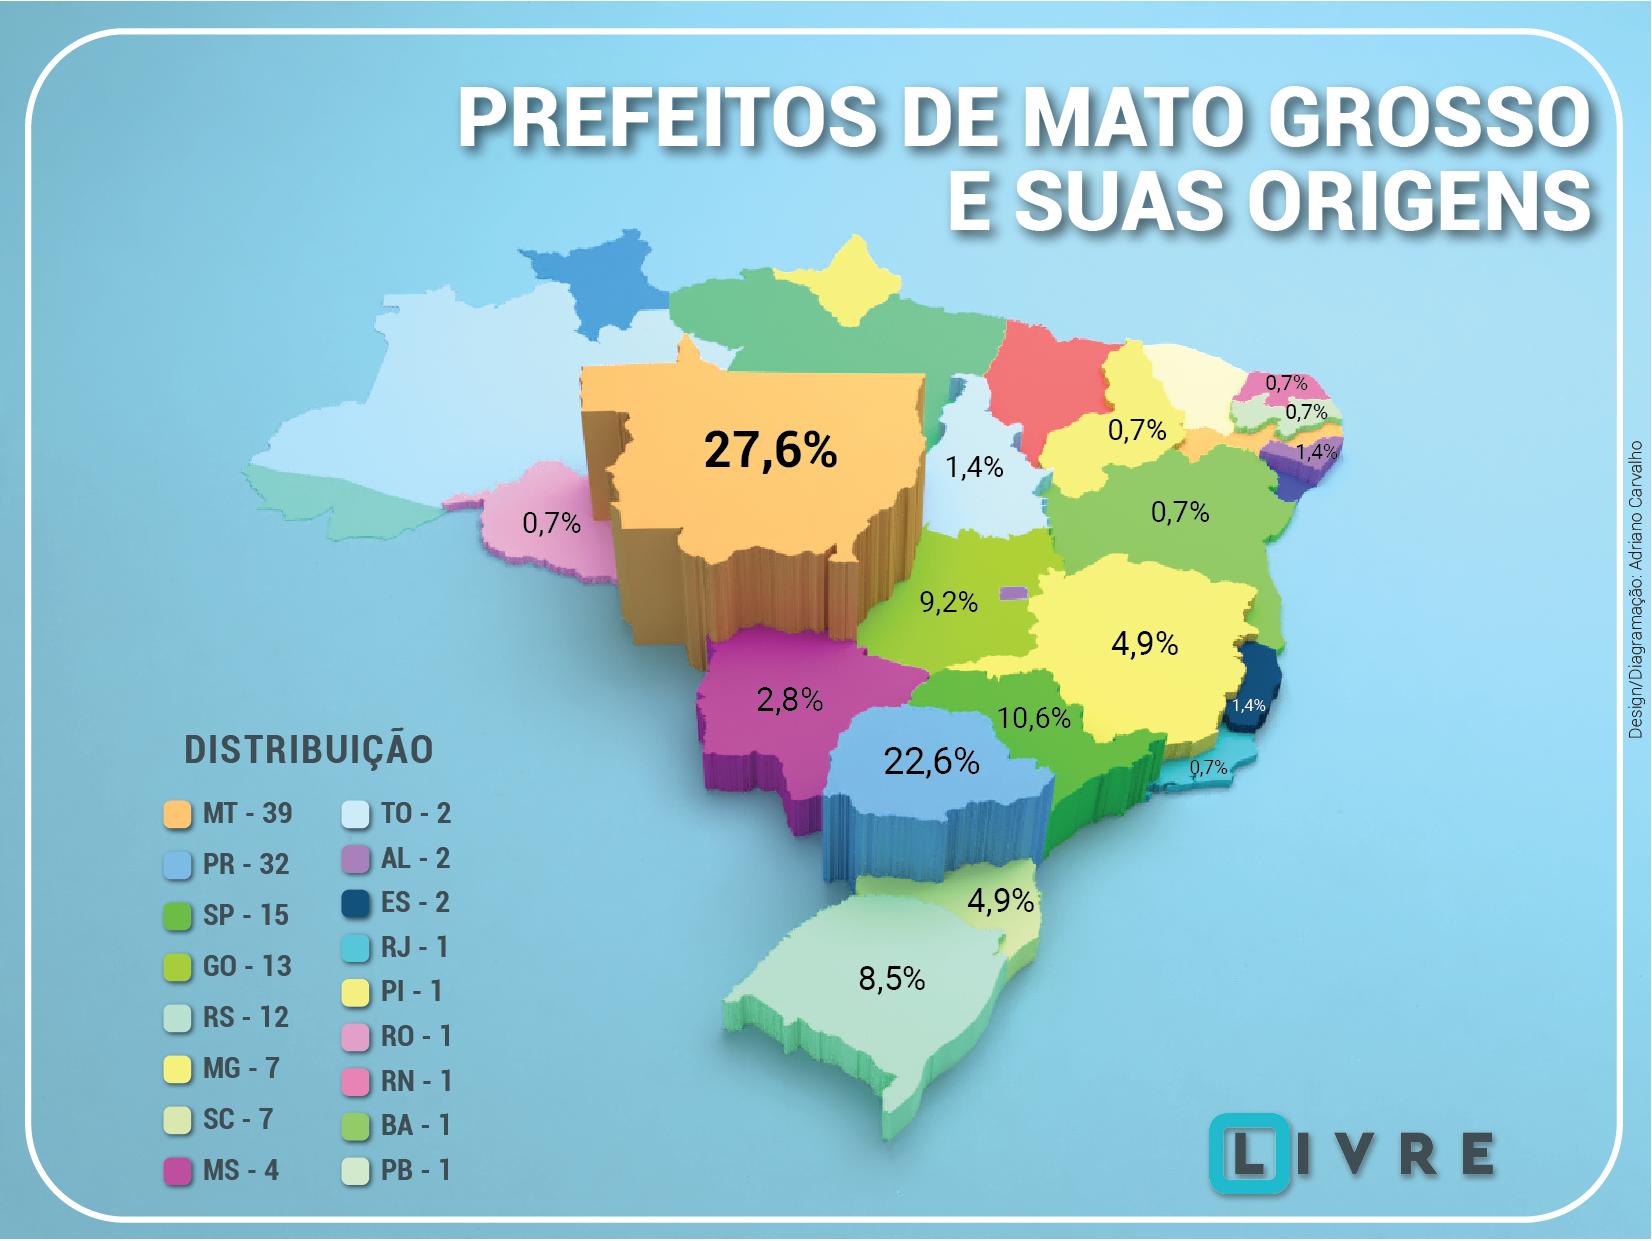 Prefeitos de Mato Grosso e suas origens